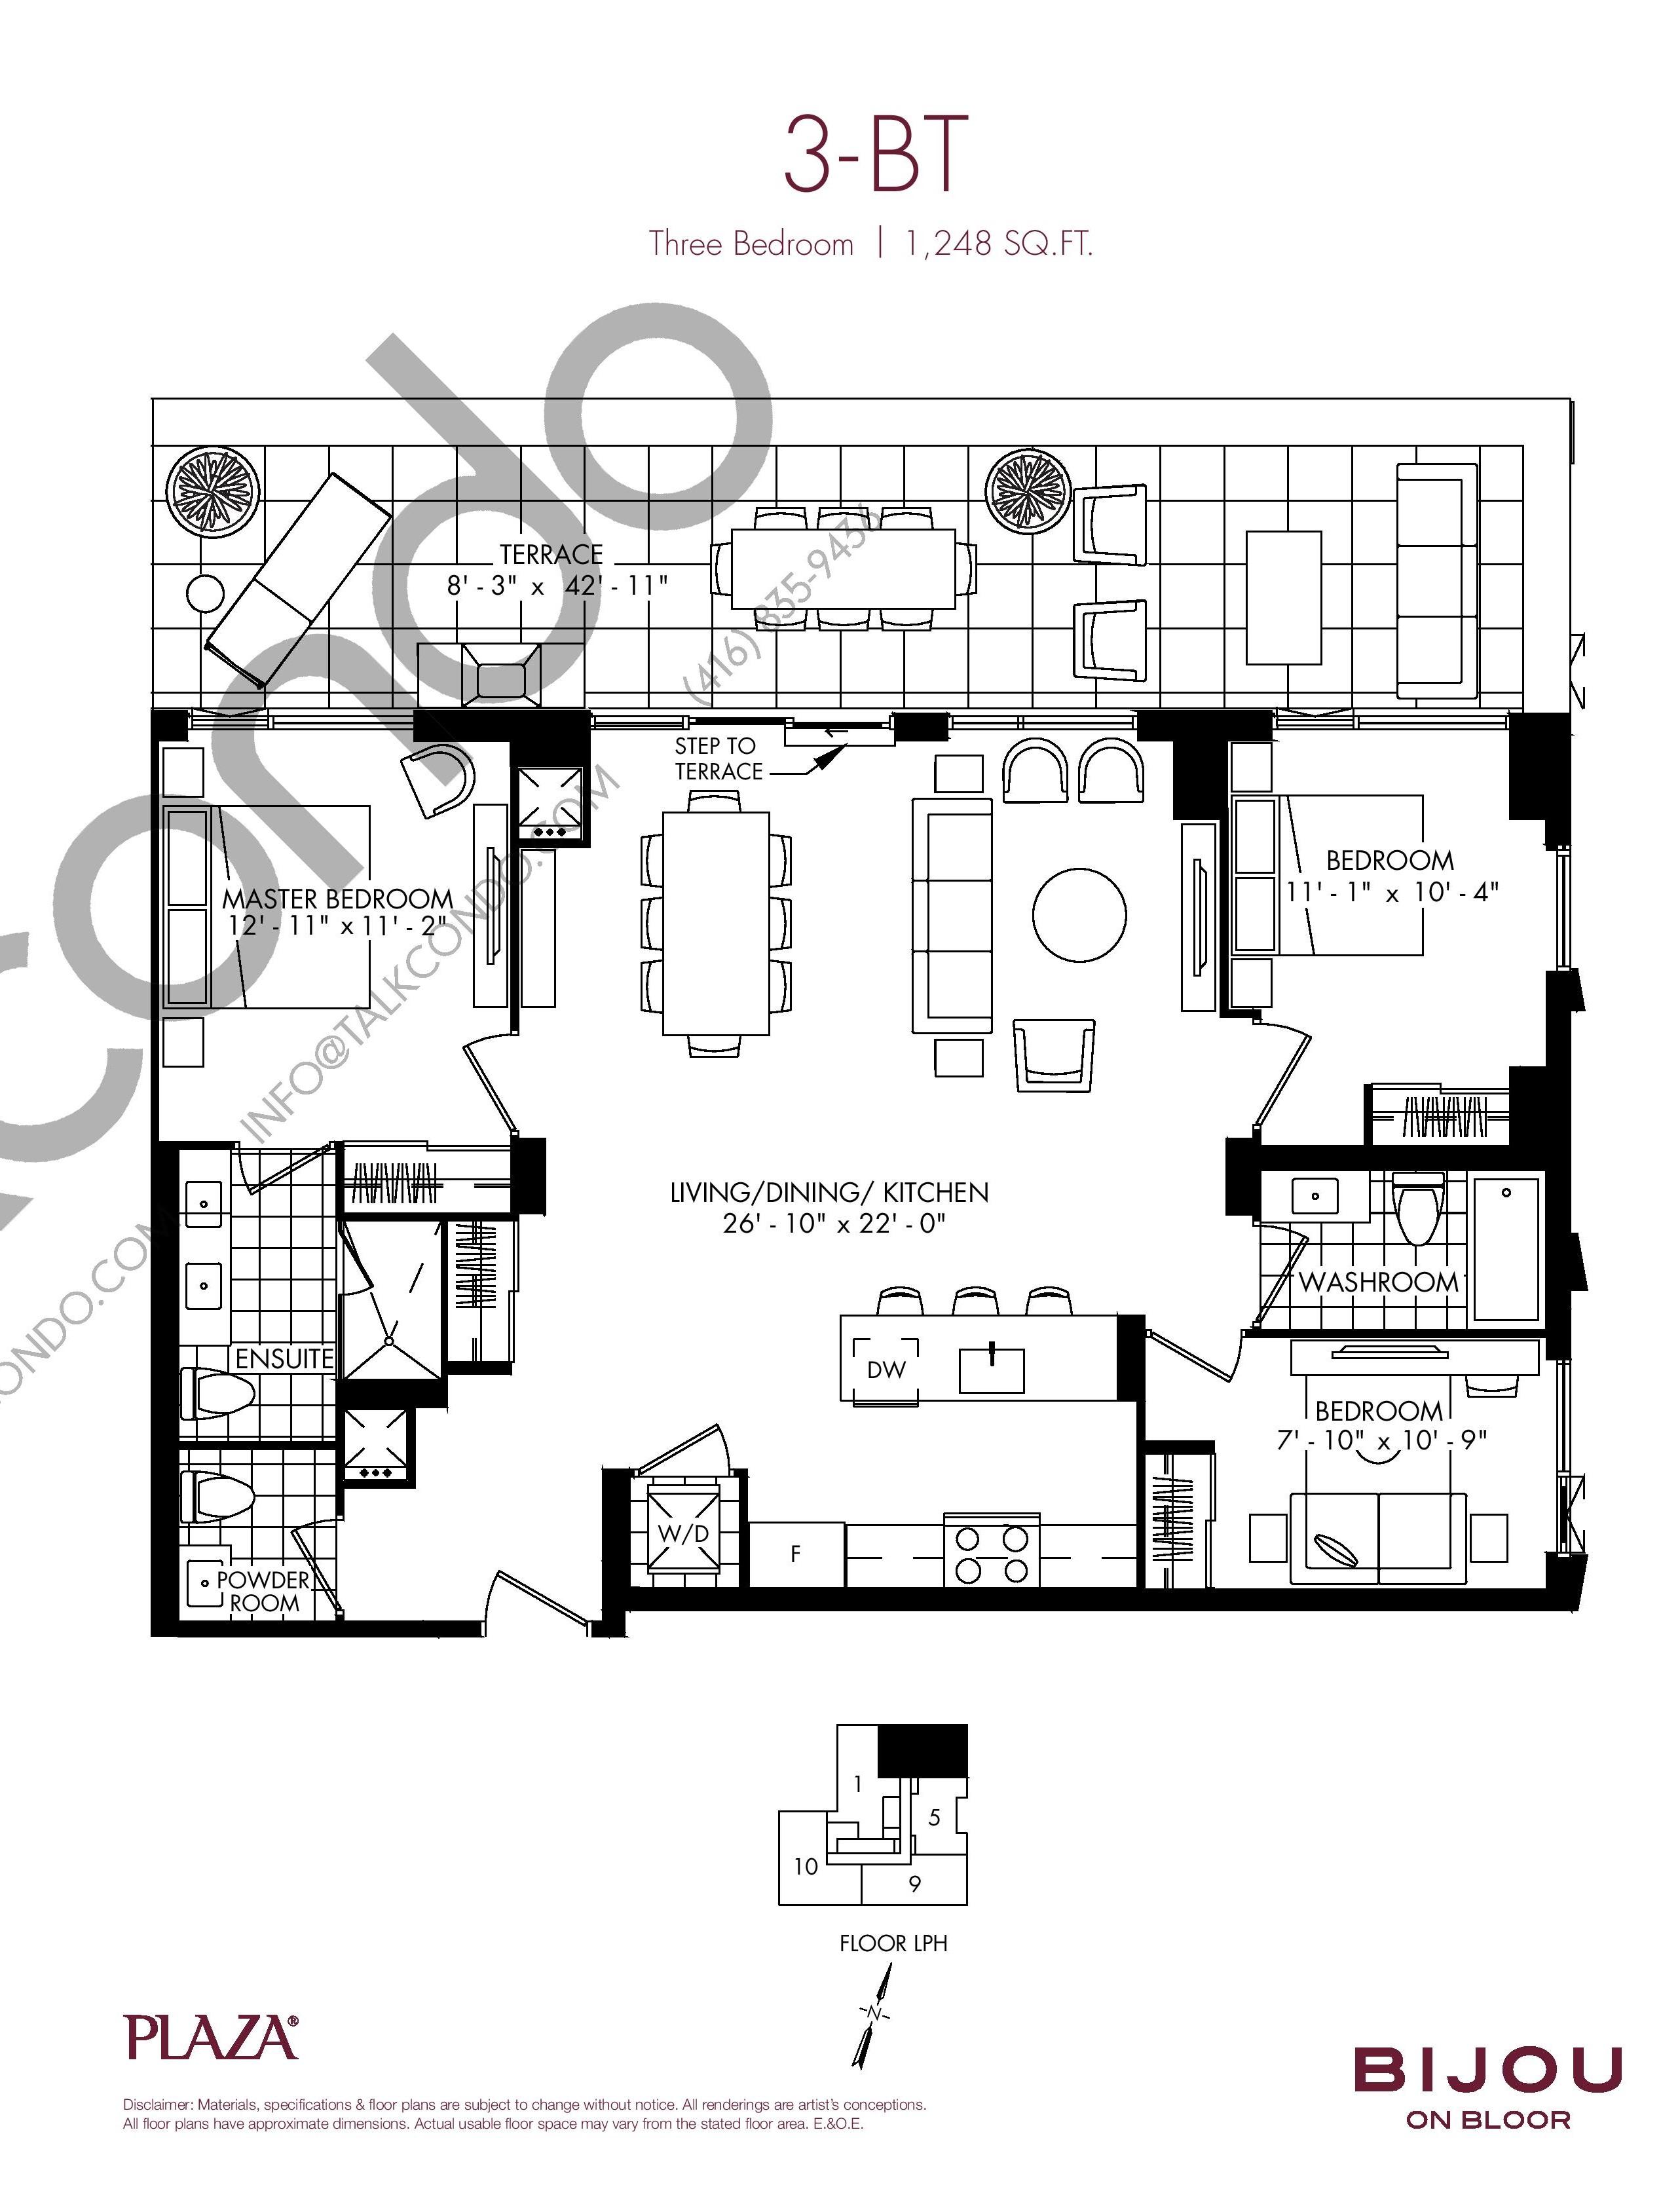 3-BT Floor Plan at Bijou On Bloor Condos - 1248 sq.ft